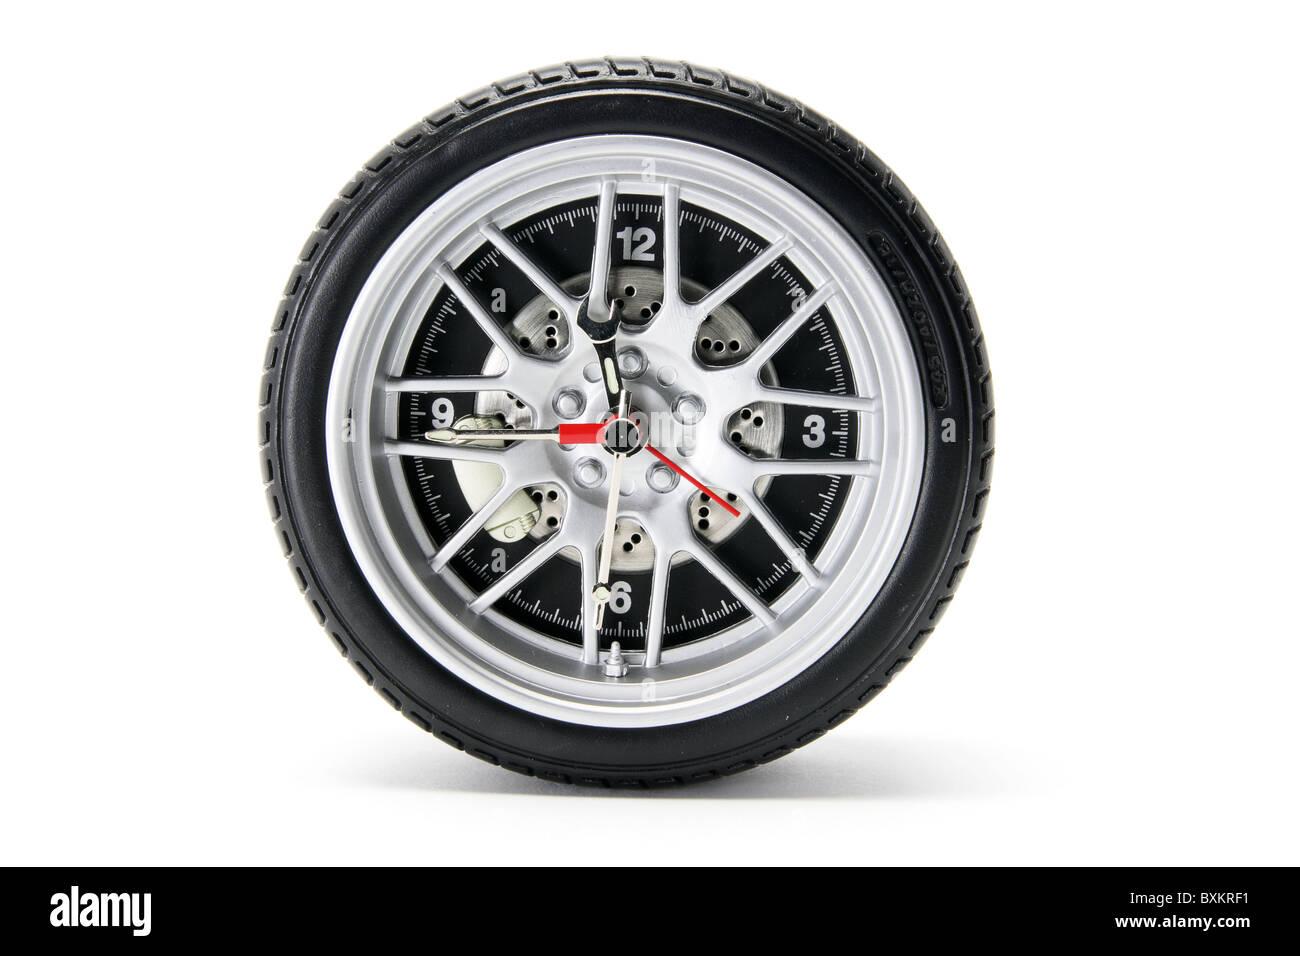 Reifen Uhr Stockbild